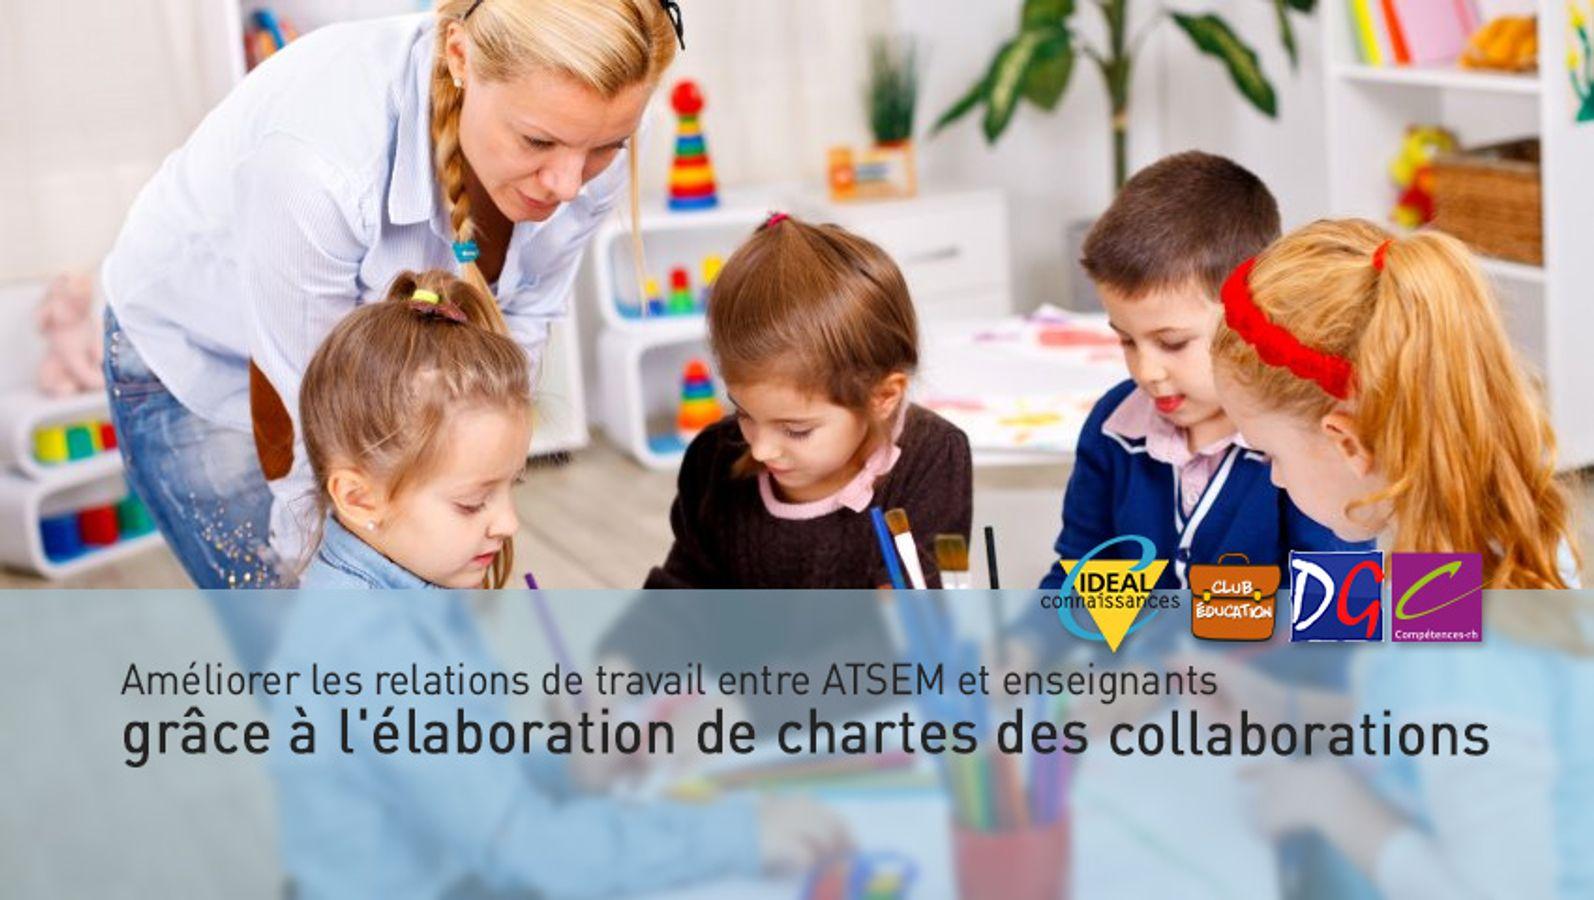 Améliorer les relations de travail entre ATSEM et enseignants grâce à l'élaboration de chartes des collaborations